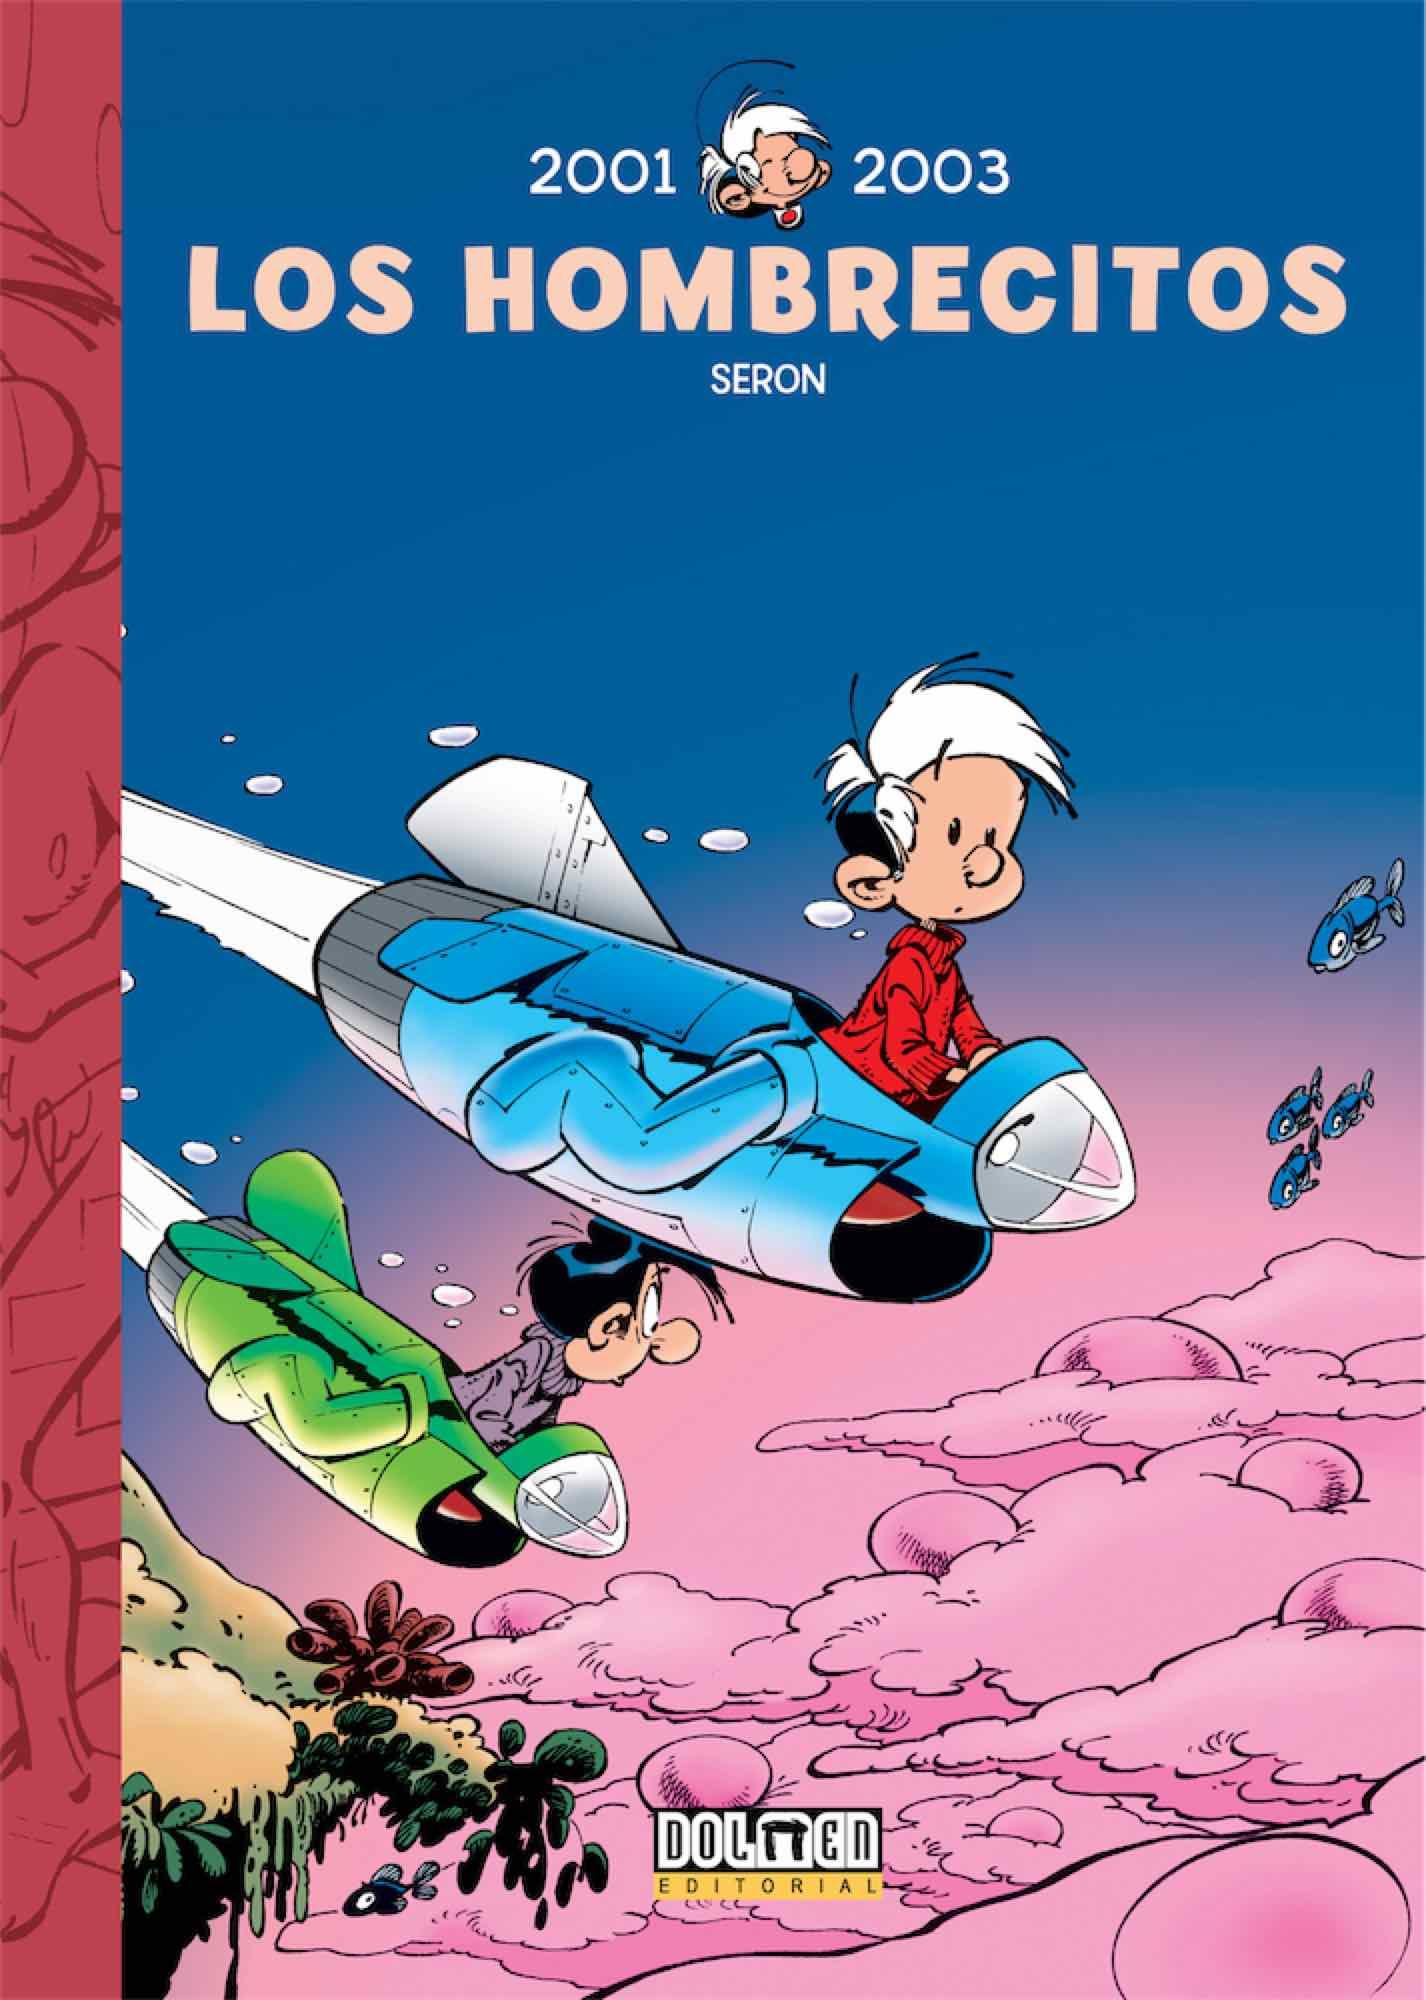 LOS HOMBRECITOS 14: 2001-2003